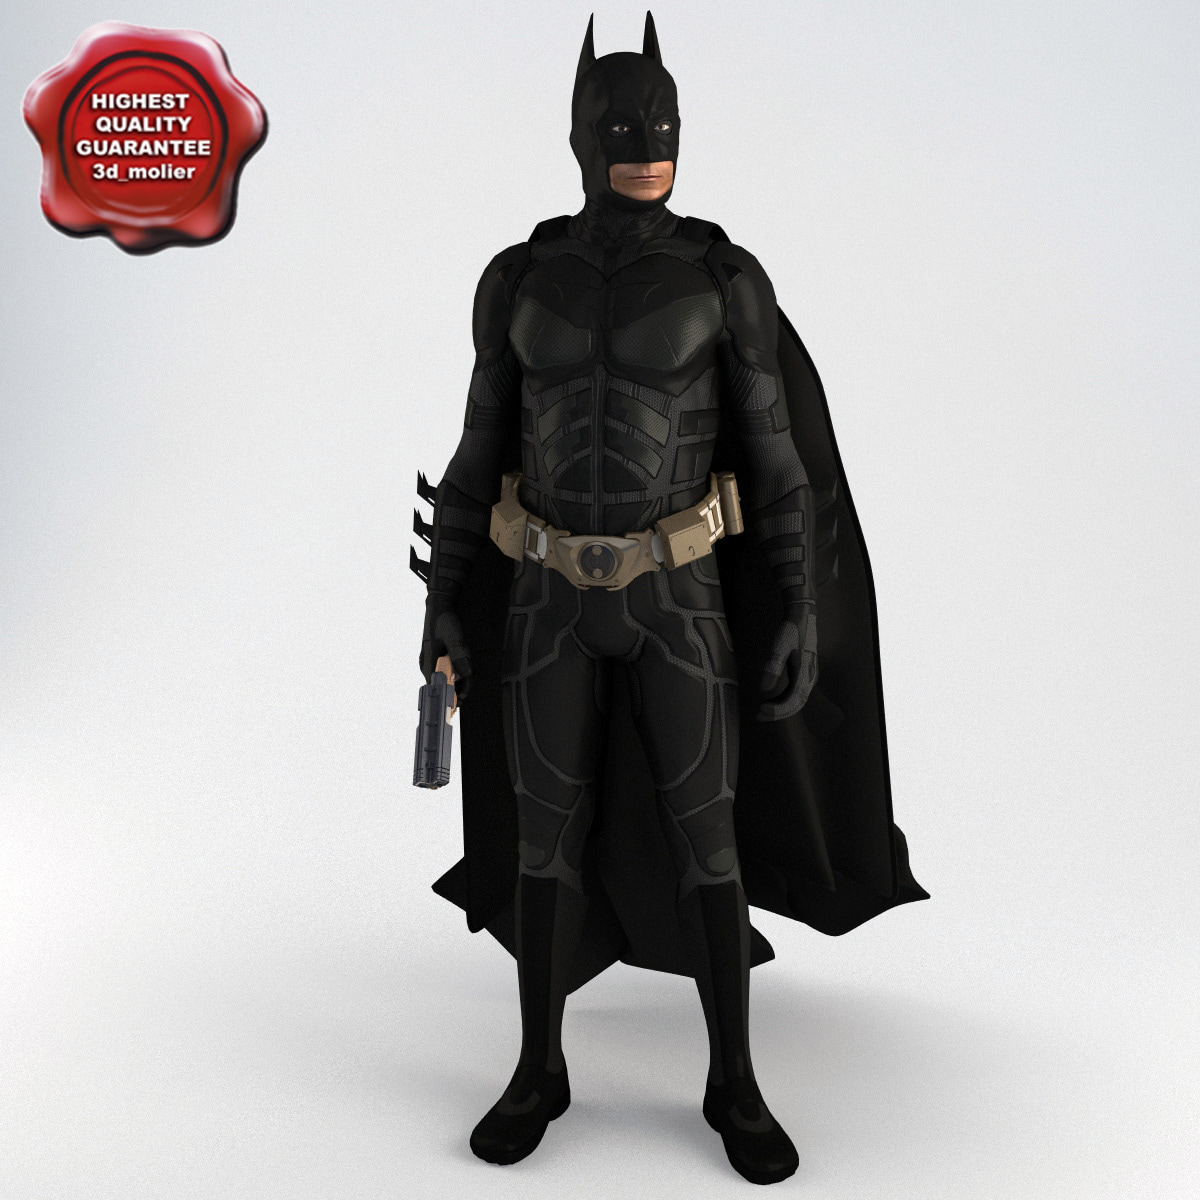 3d model batman pose1